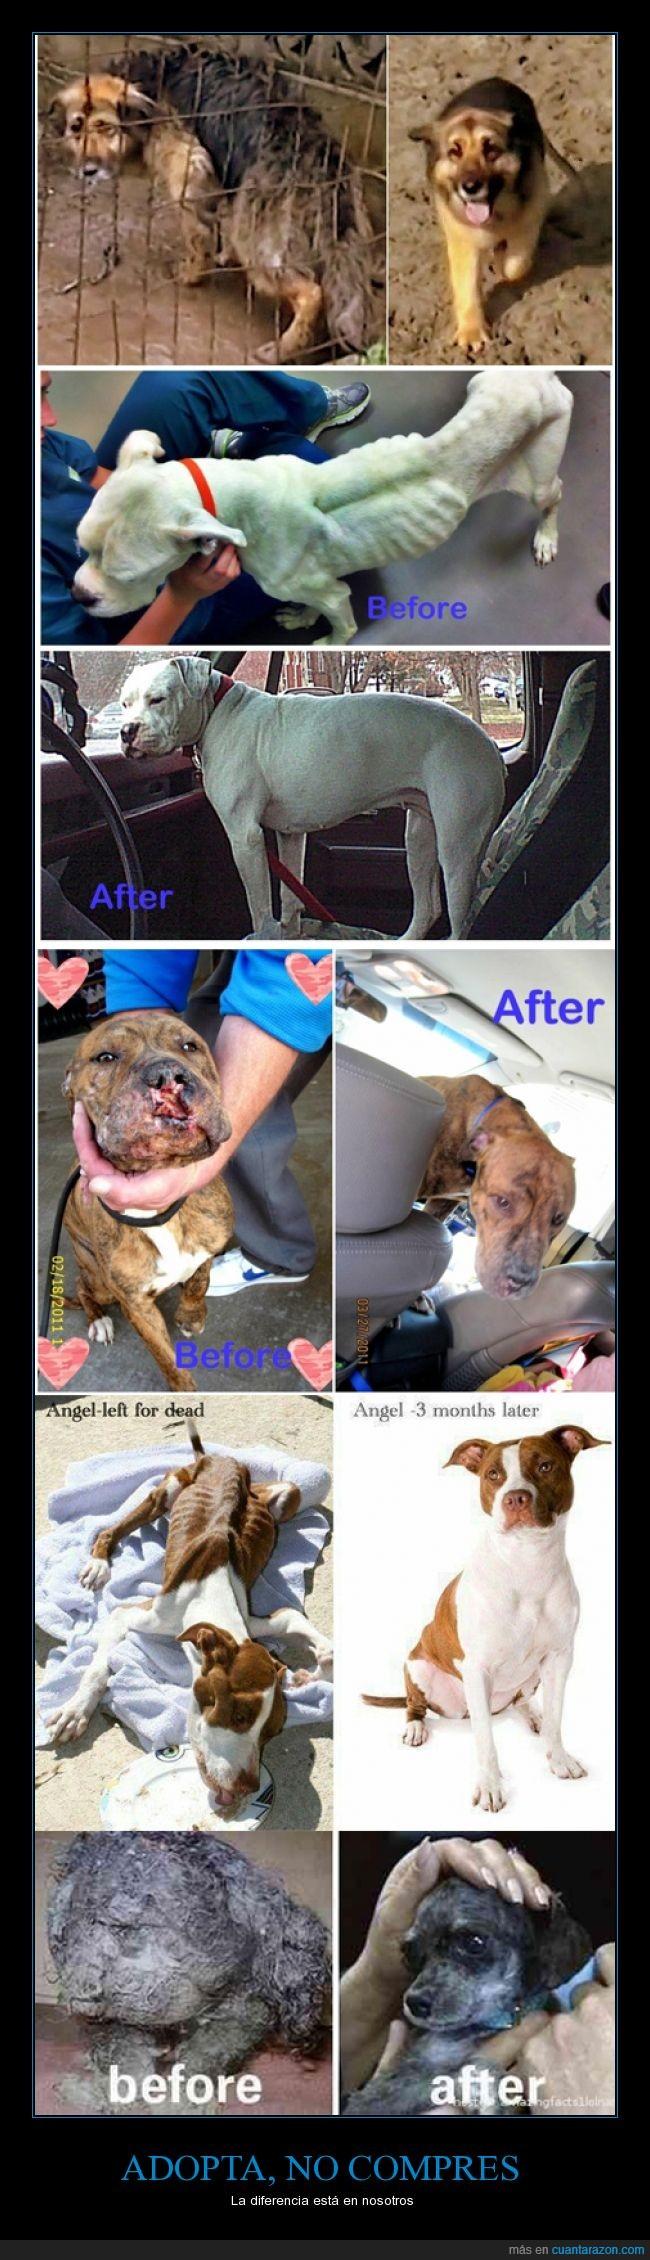 abandono,antes y despues,Comprar,perros,rescatados